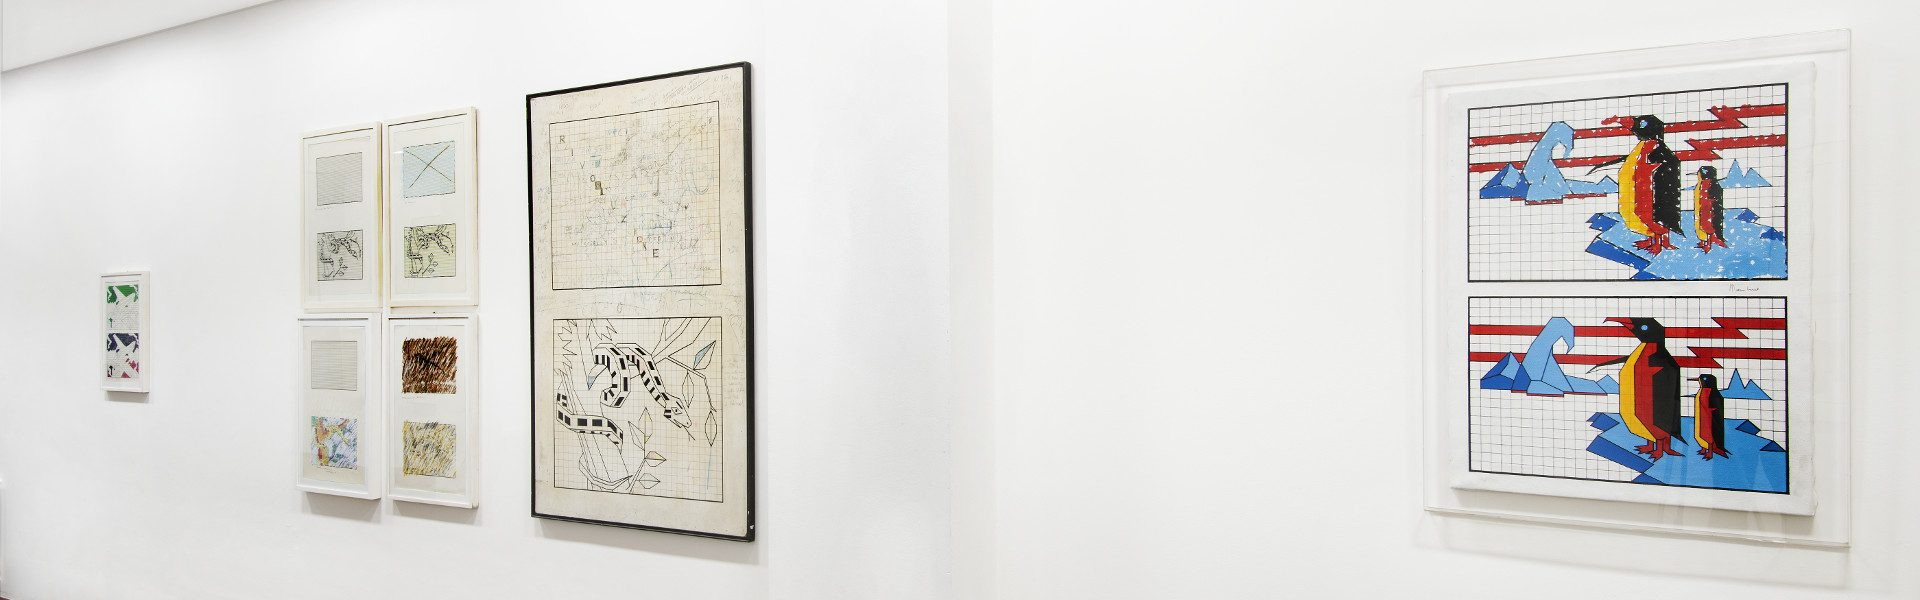 Aldo Mondino, galleria Il Ponte, Firenze_3